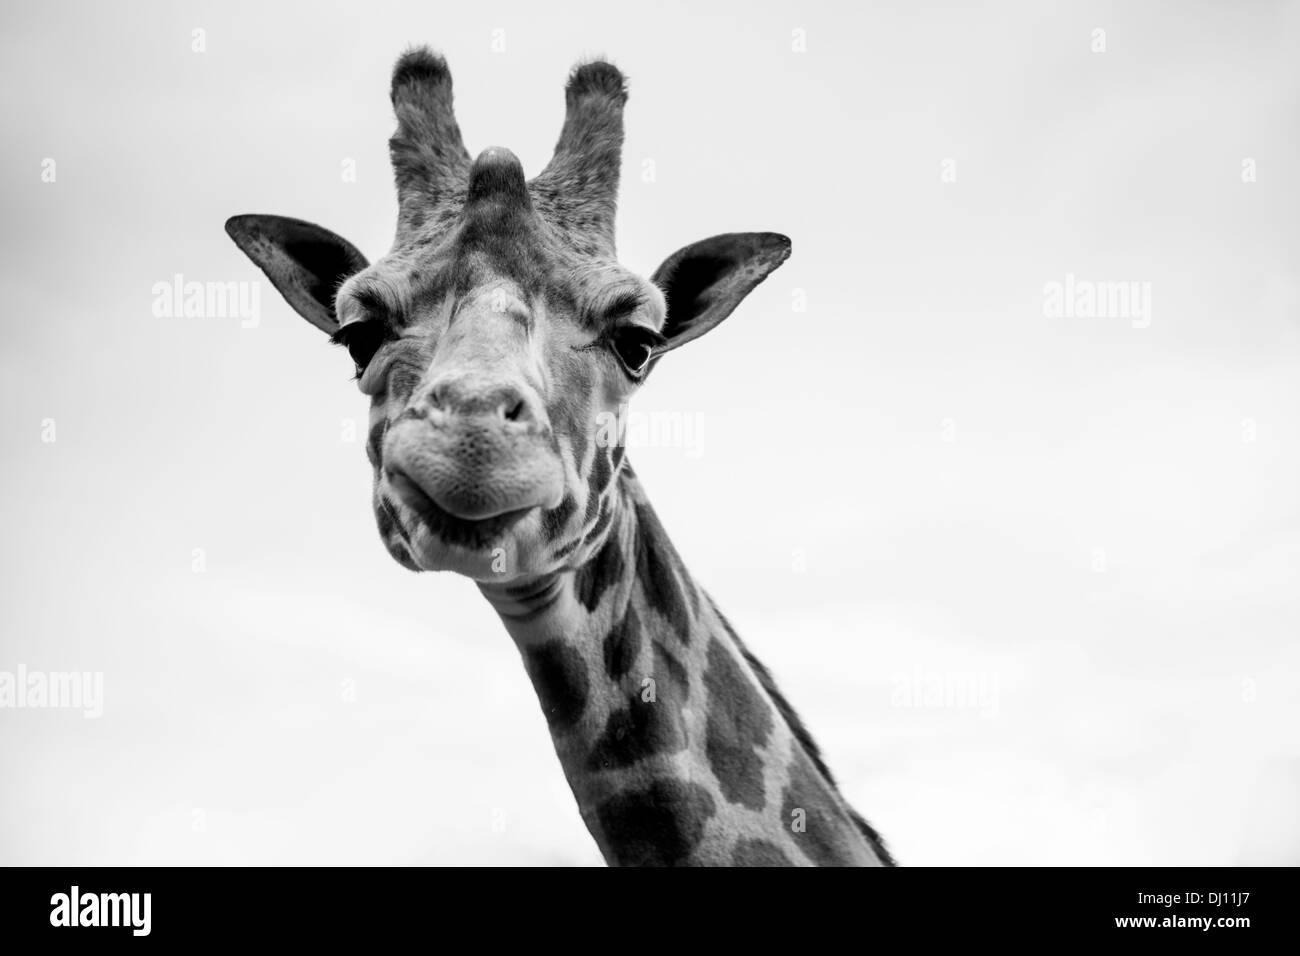 Um único giraffe retrato em preto e branco Imagens de Stock